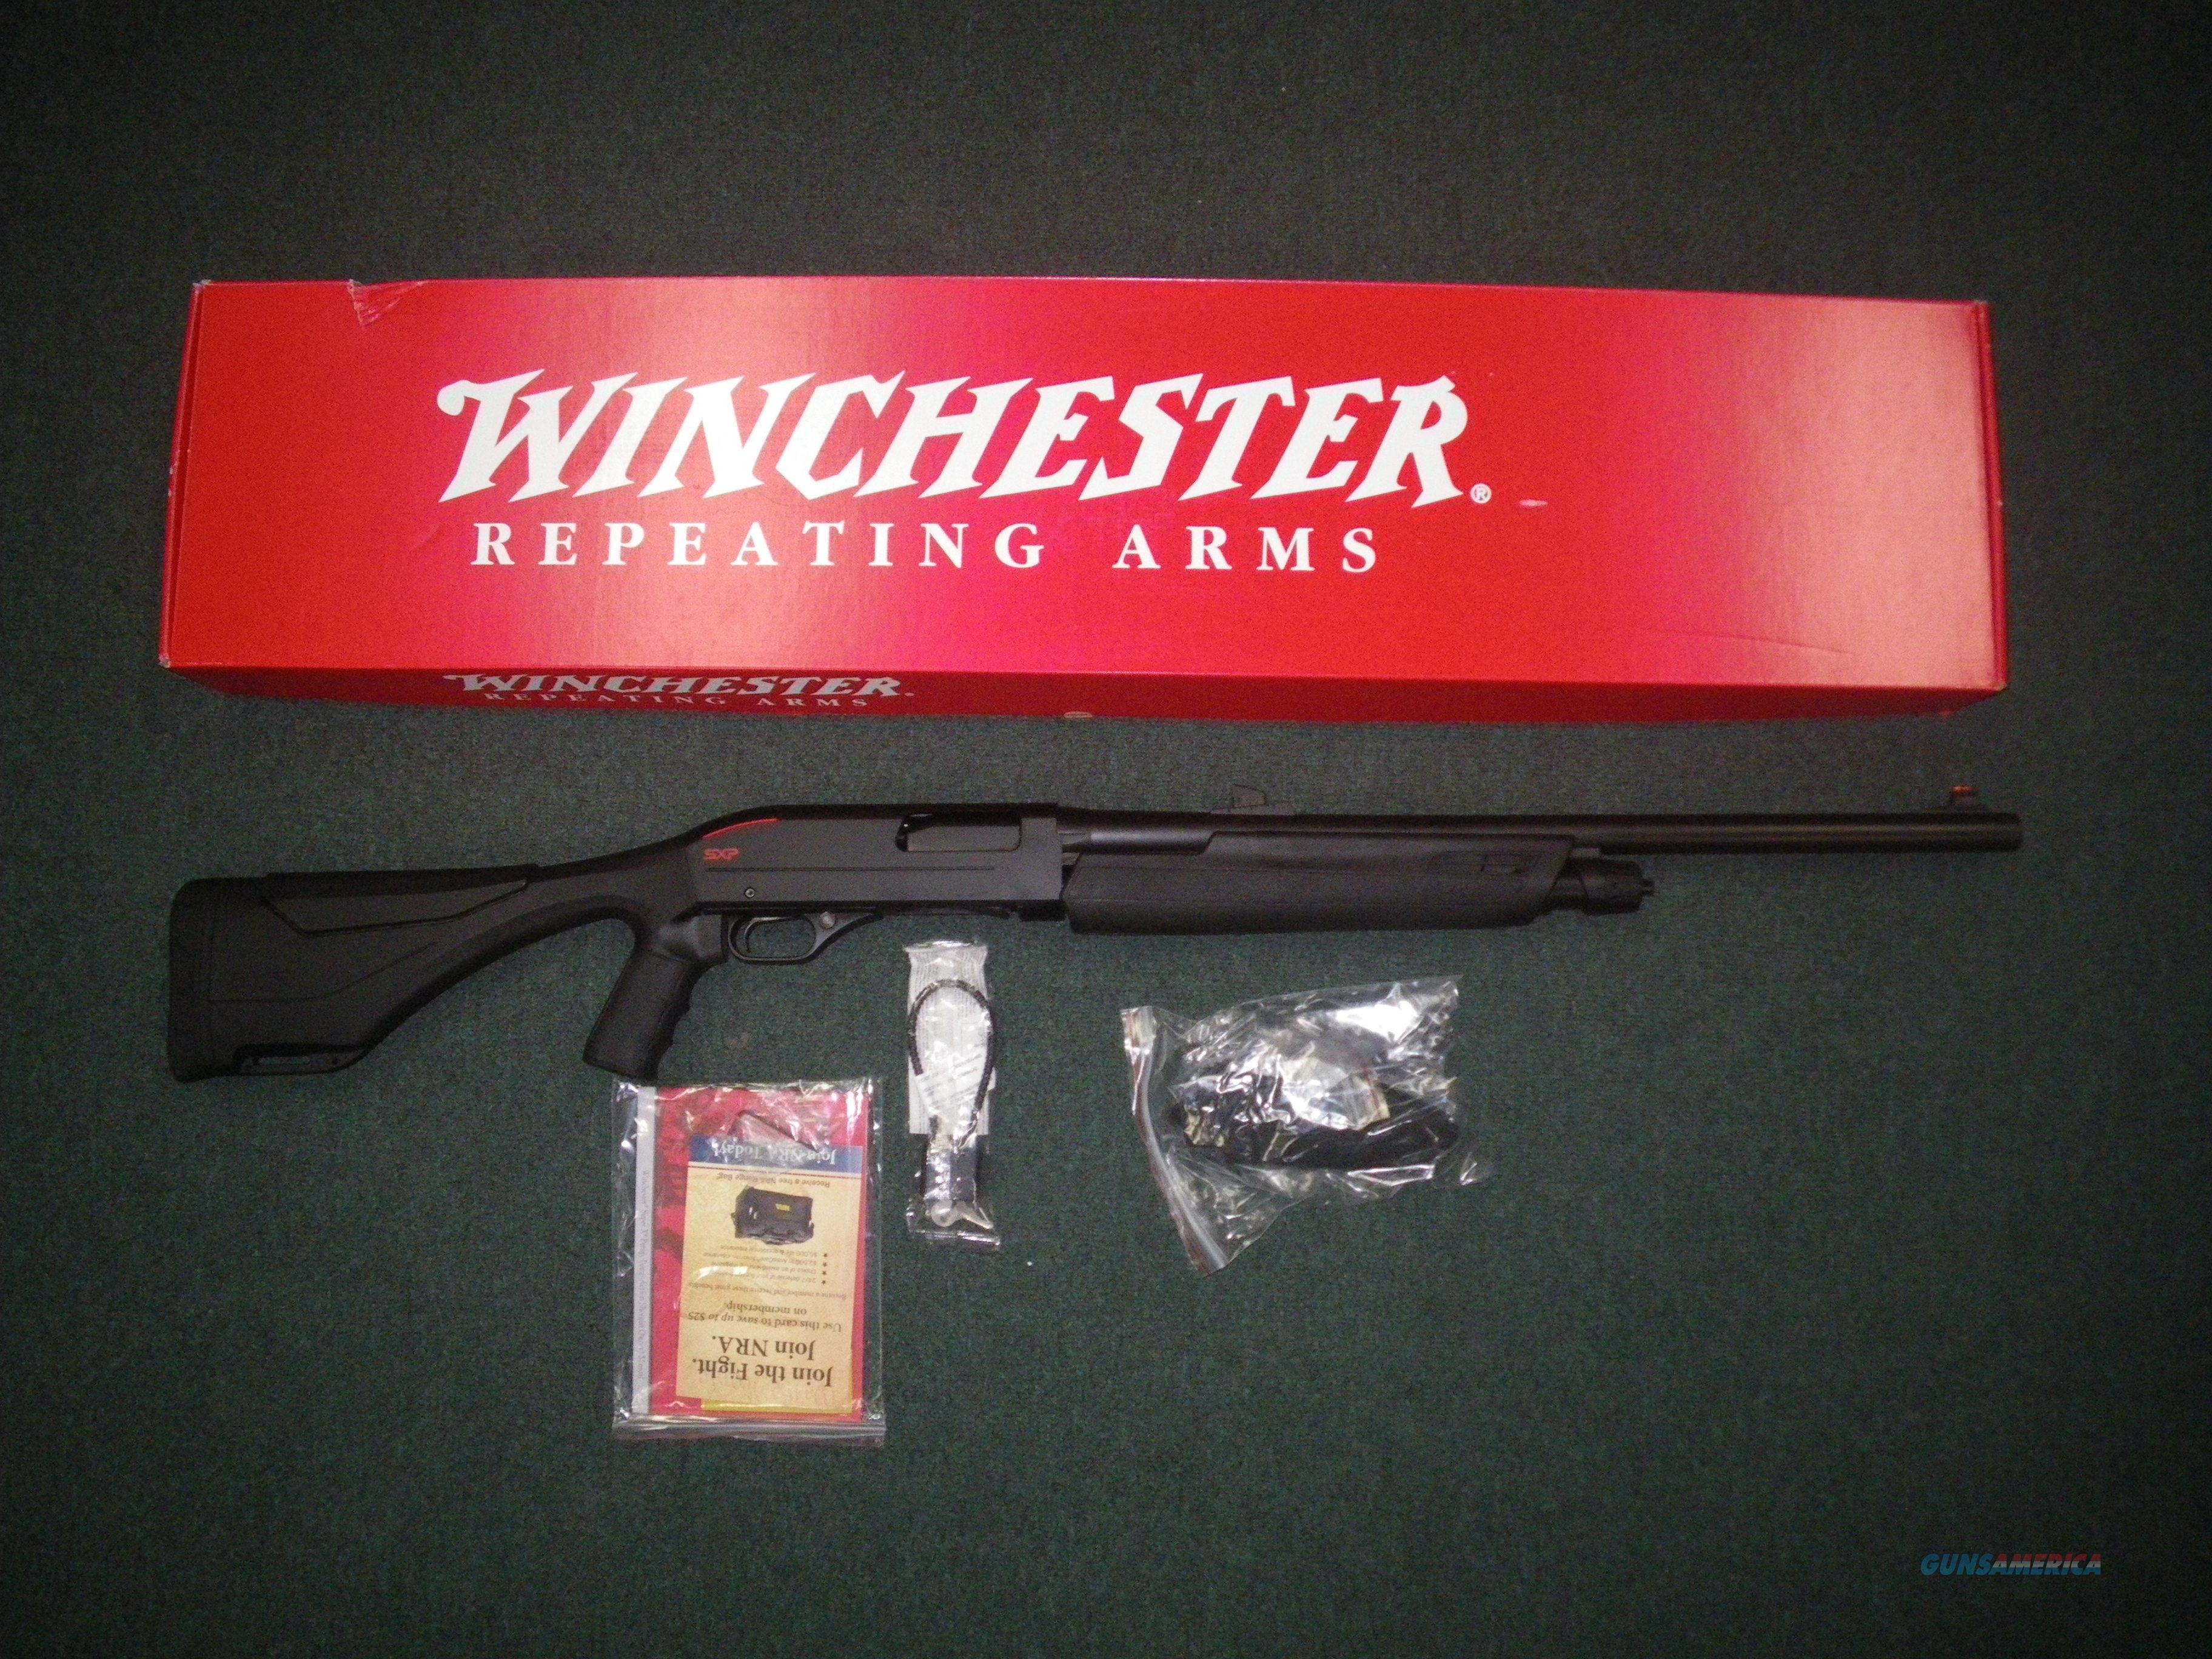 """Winchester SXP Extreme Deer 12ga 22"""" NEW 3"""" Chamber 512312340  Guns > Shotguns > Winchester Shotguns - Modern > Pump Action > Deer Guns"""